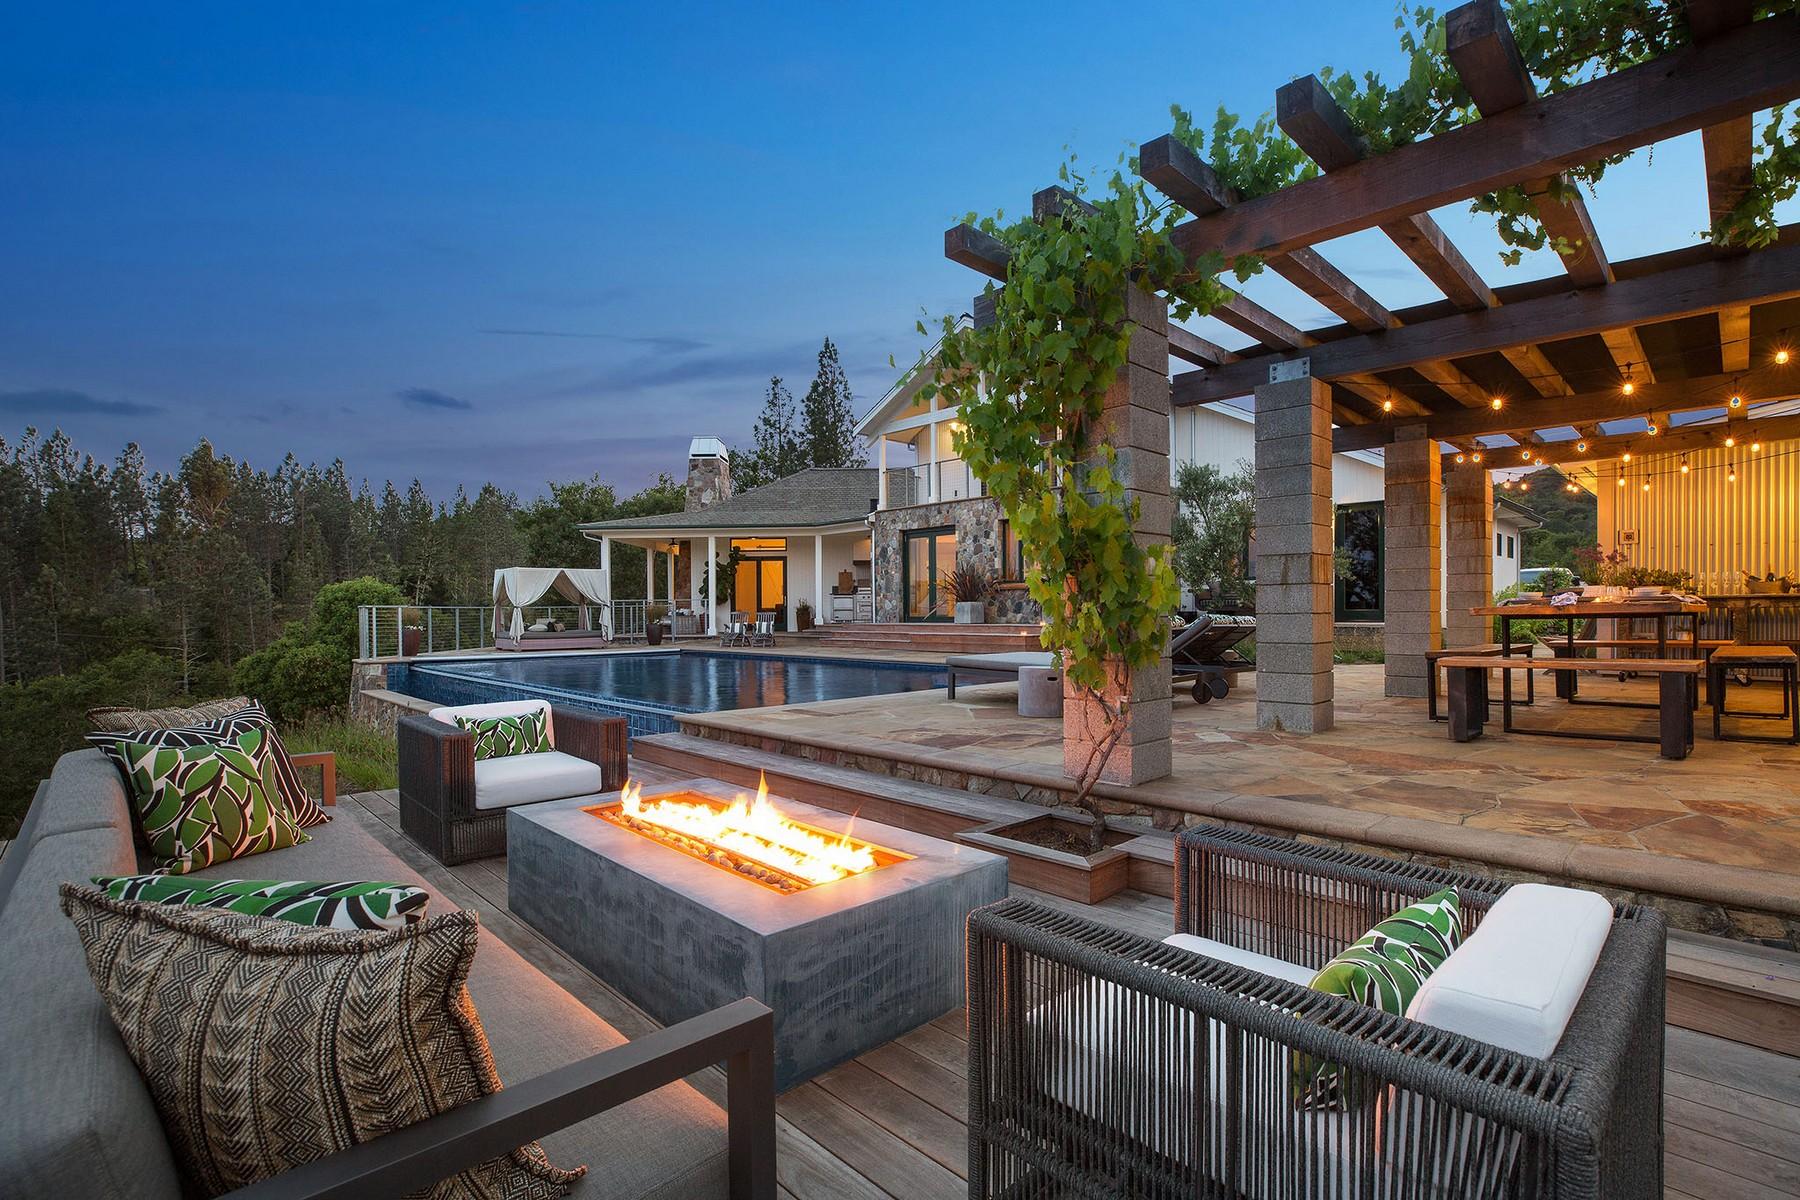 단독 가정 주택 용 매매 에 Idyllic Dry Creek Valley Estate 6021 W Dry Creek Road, Healdsburg, 캘리포니아 95448 미국